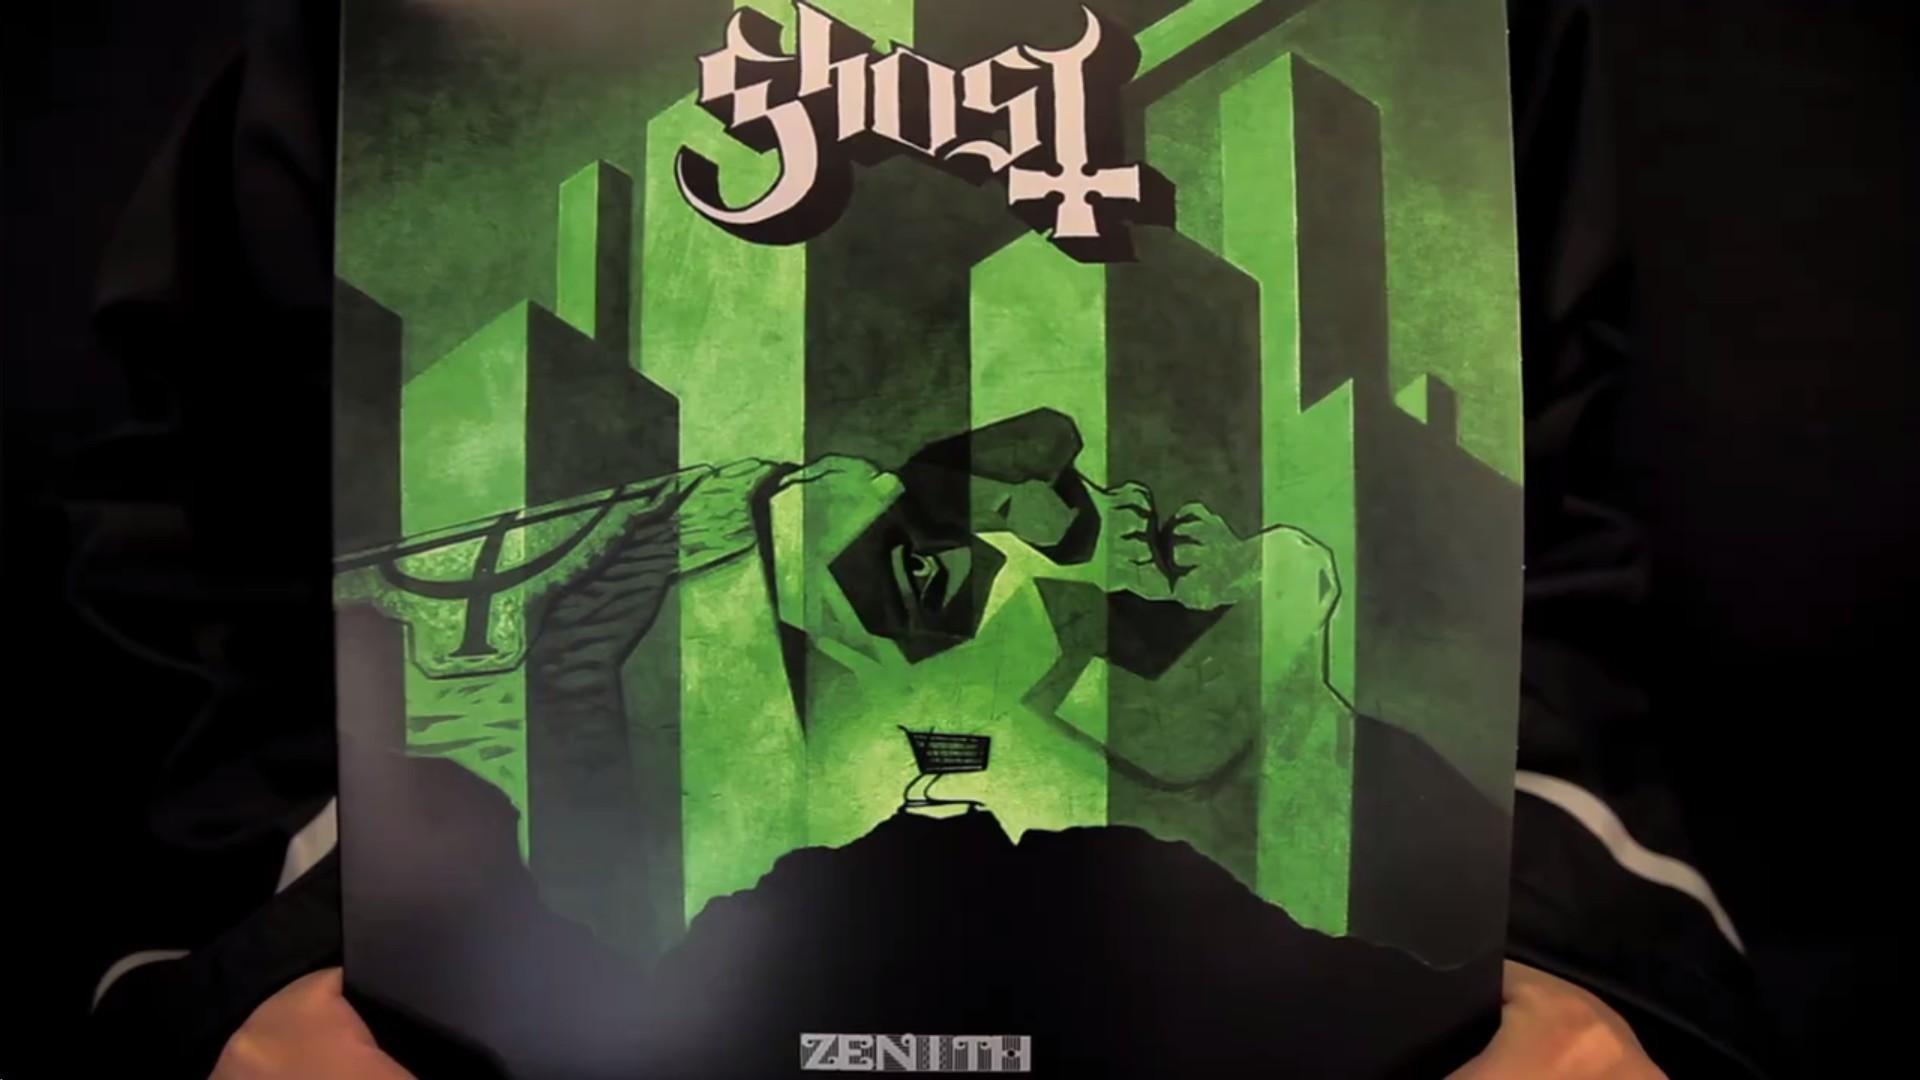 Stream Ghost's 'Zenith'